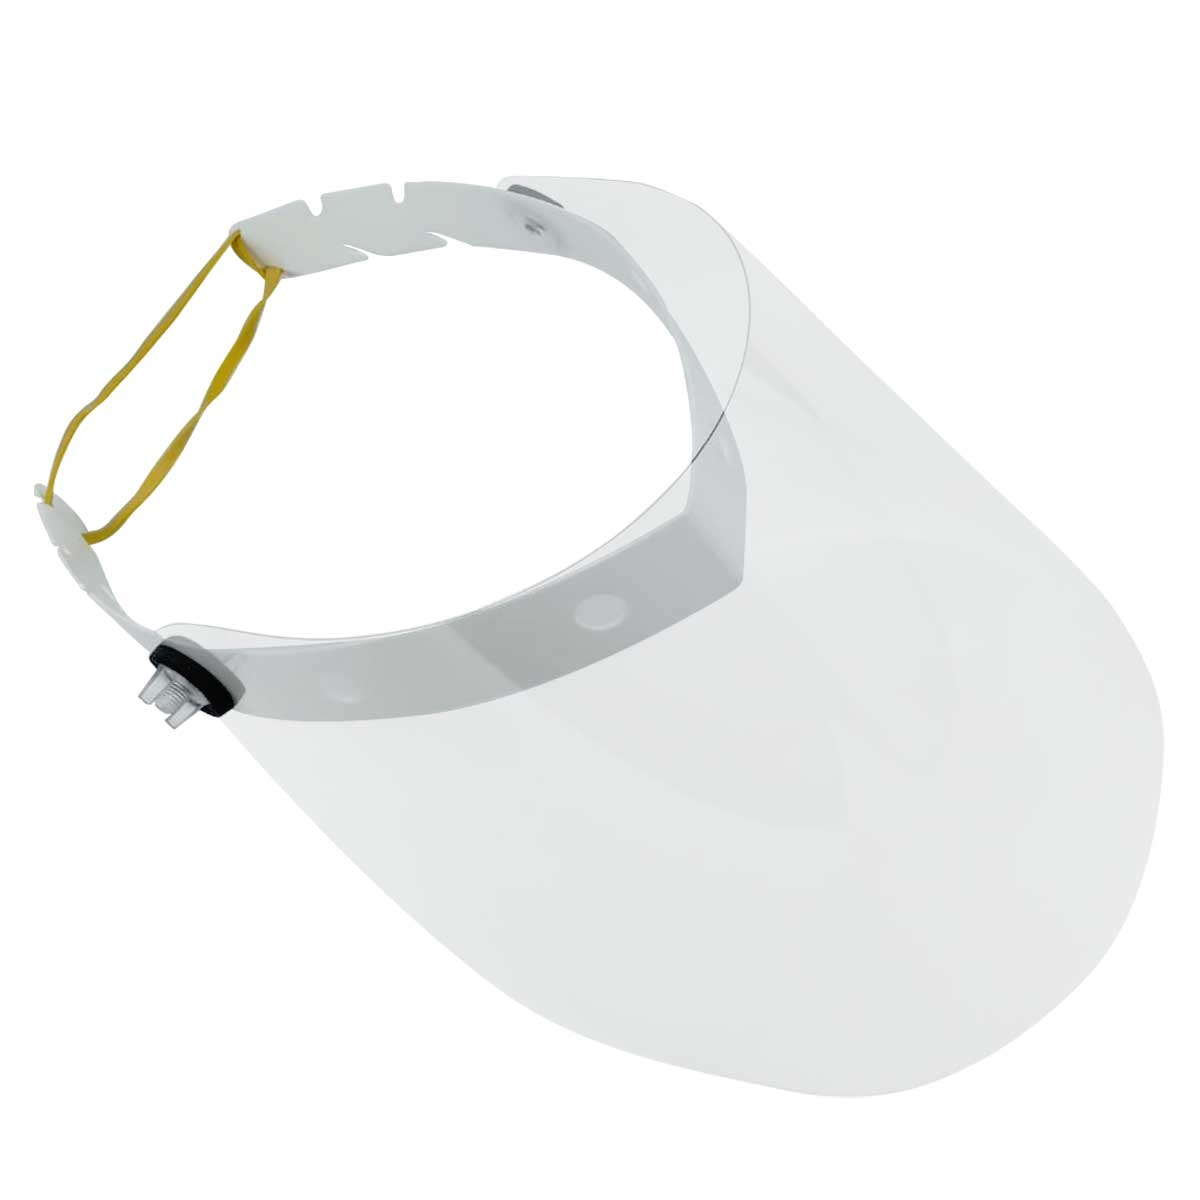 Vizieră rabatabilă pentru protecție facială, JJ DISPLAYS